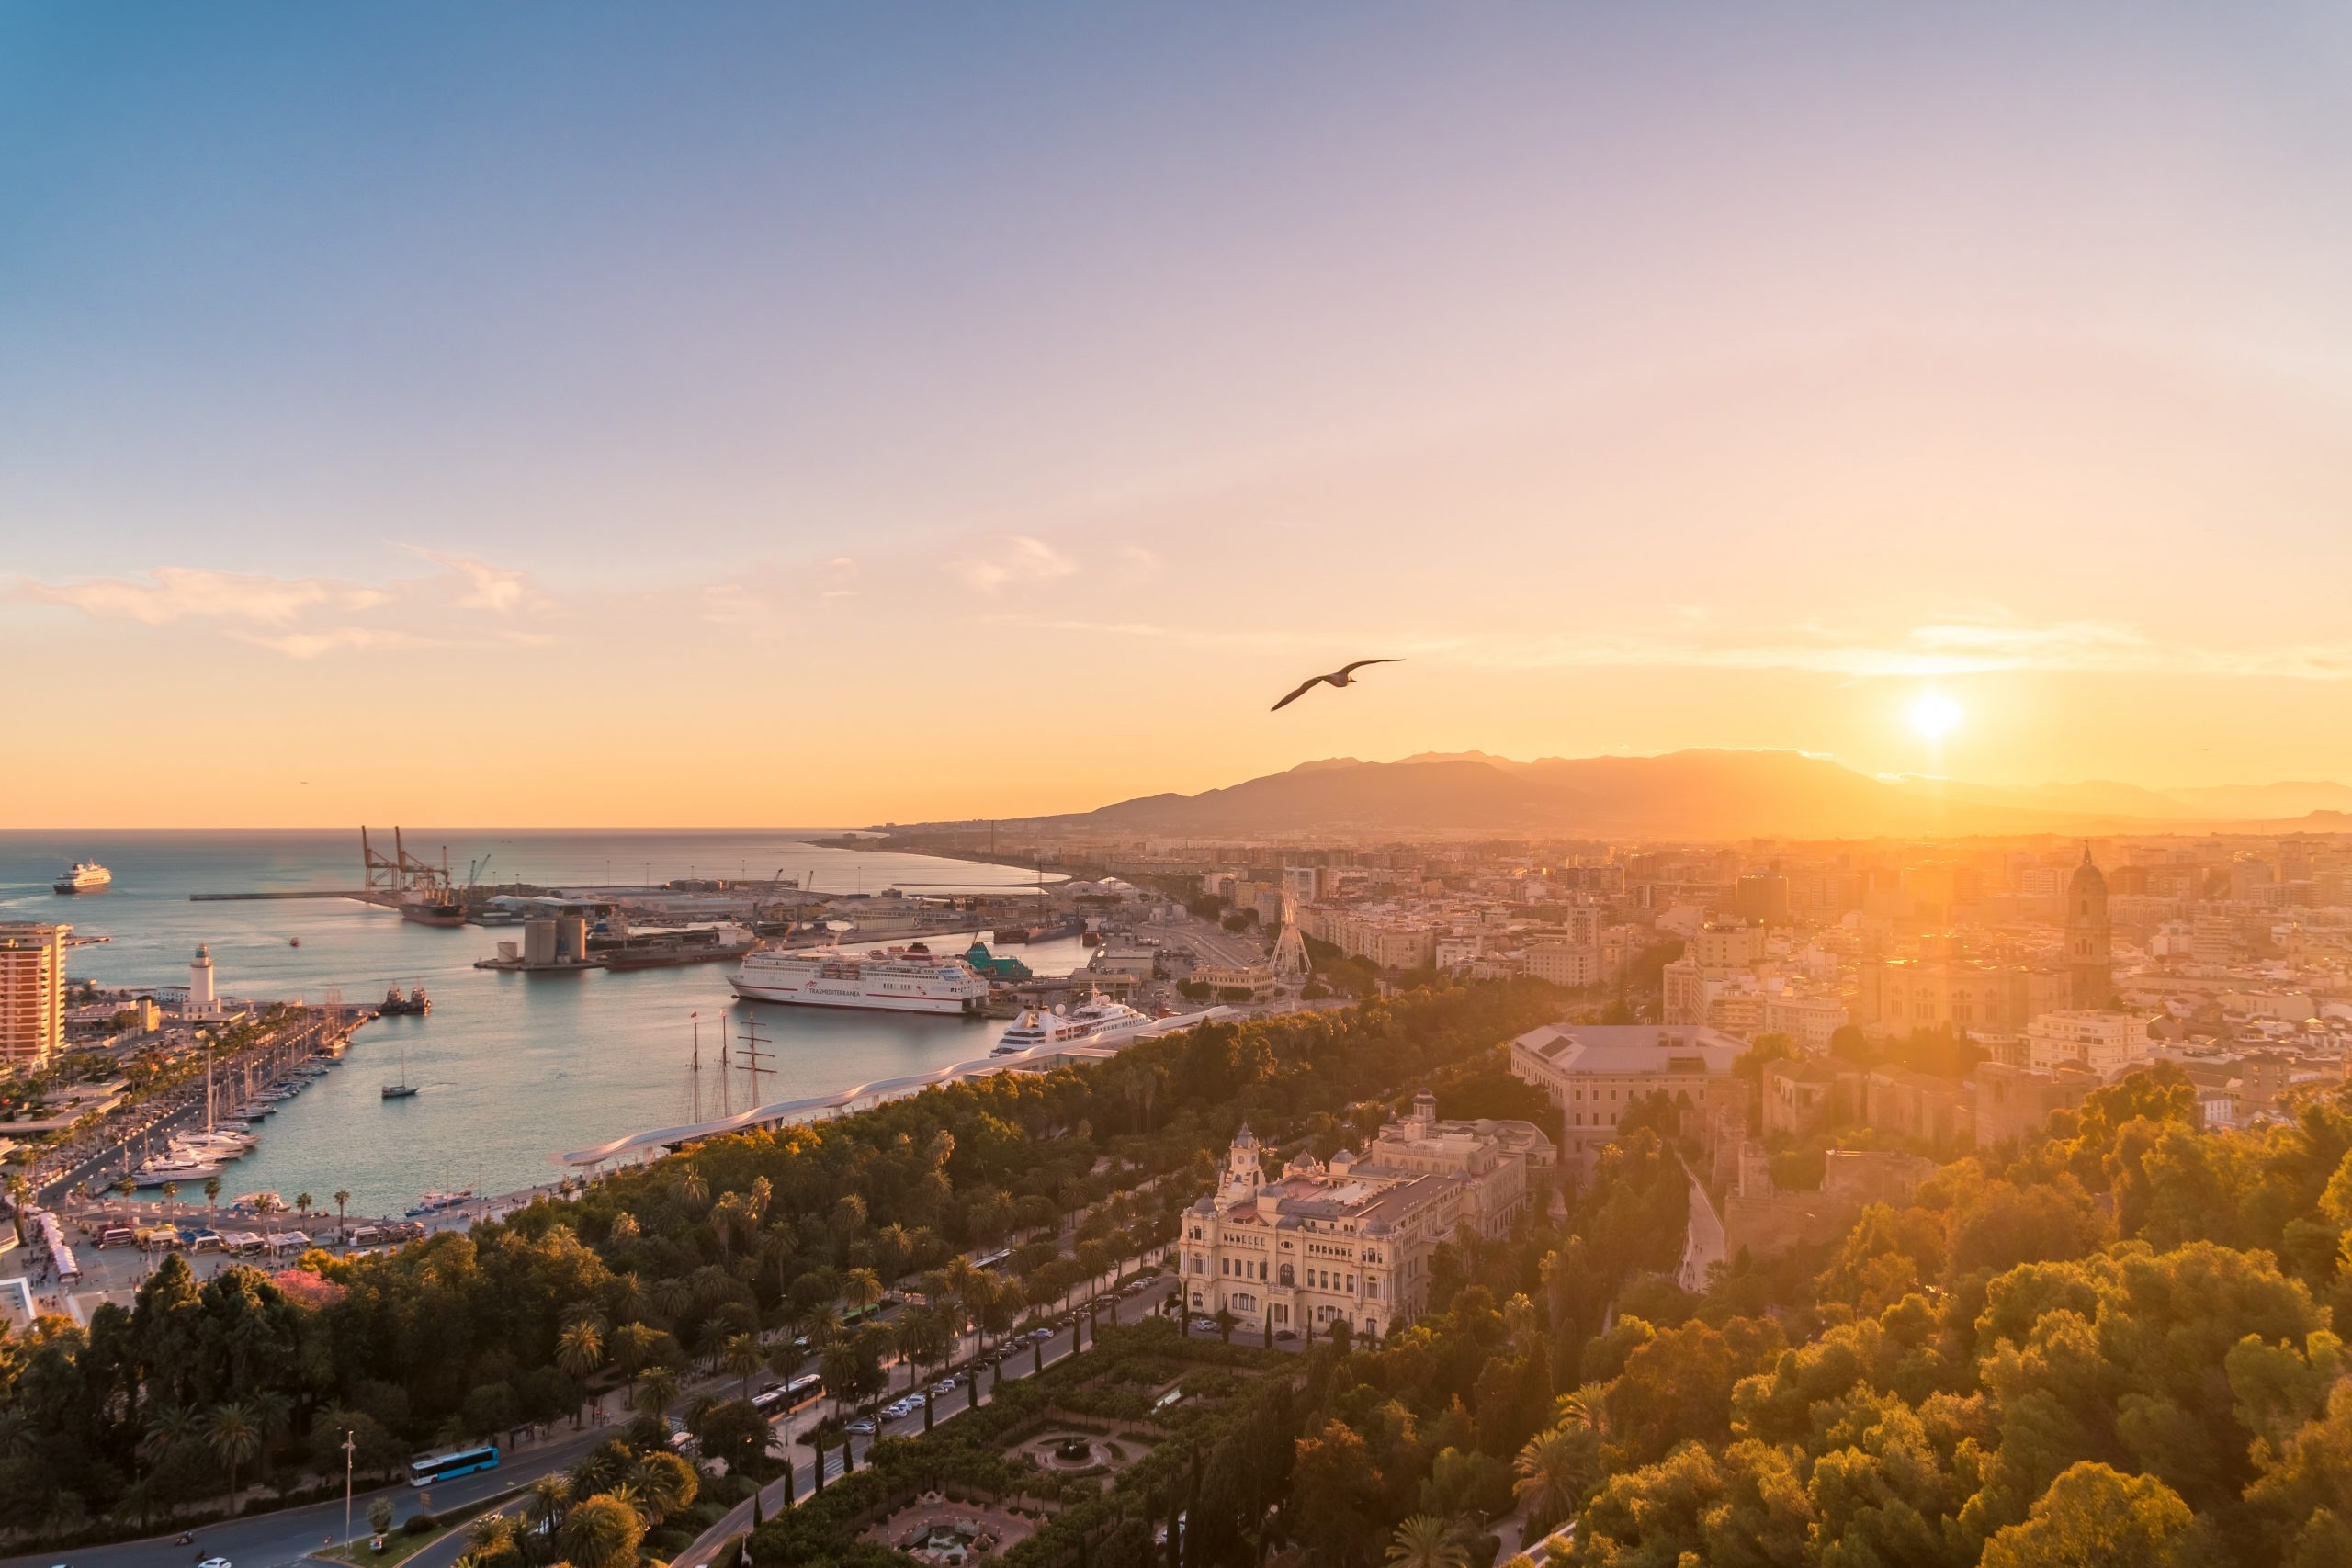 ВНЖ и гражданство за недвижимость в 2020 году: страны